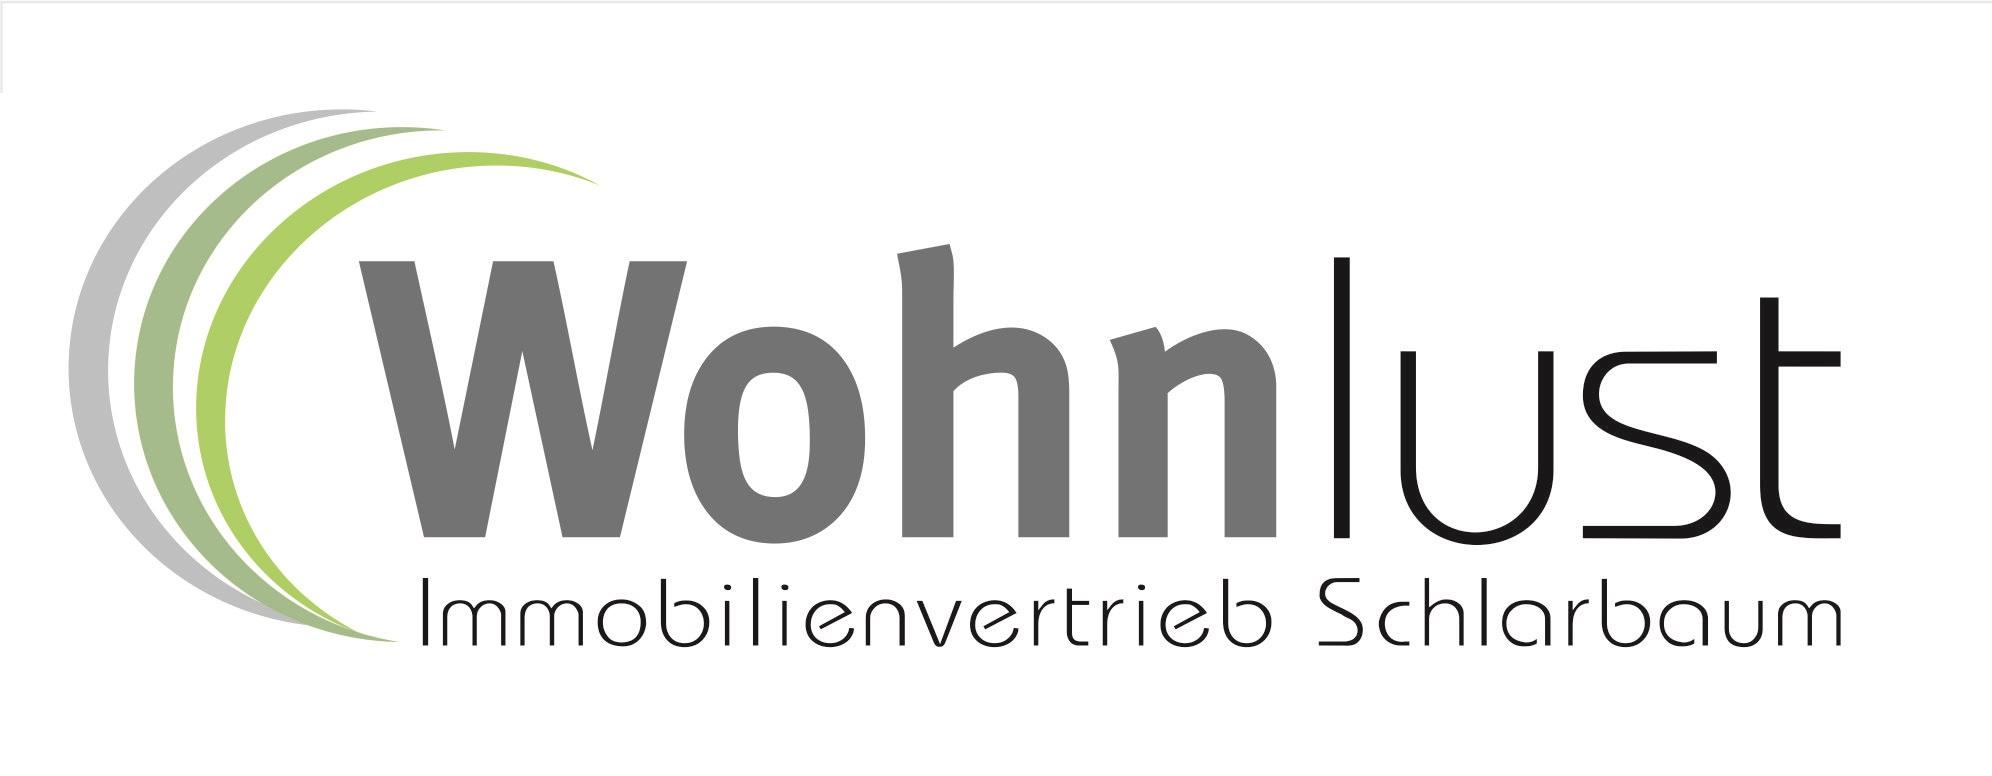 Hier sehen Sie das Logo von Wohnlust Immobilienvertrieb Schlarbaum